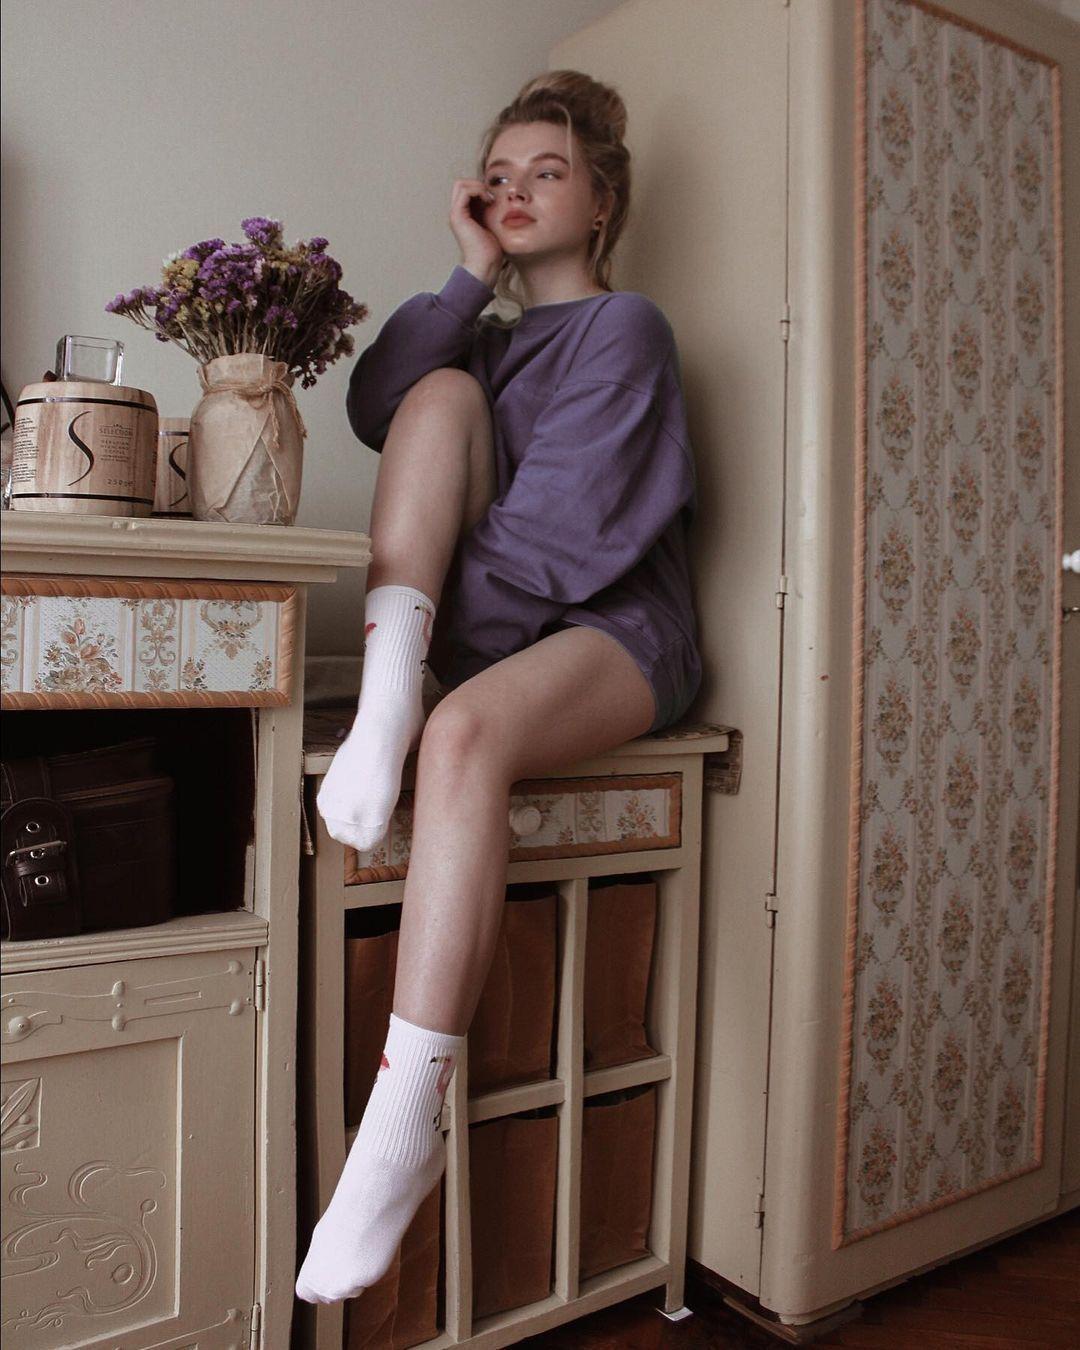 乌克兰妹总是不让人失望 时尚穿搭配高级颜... 个头娇小爆发名模气场 养眼图片 第10张